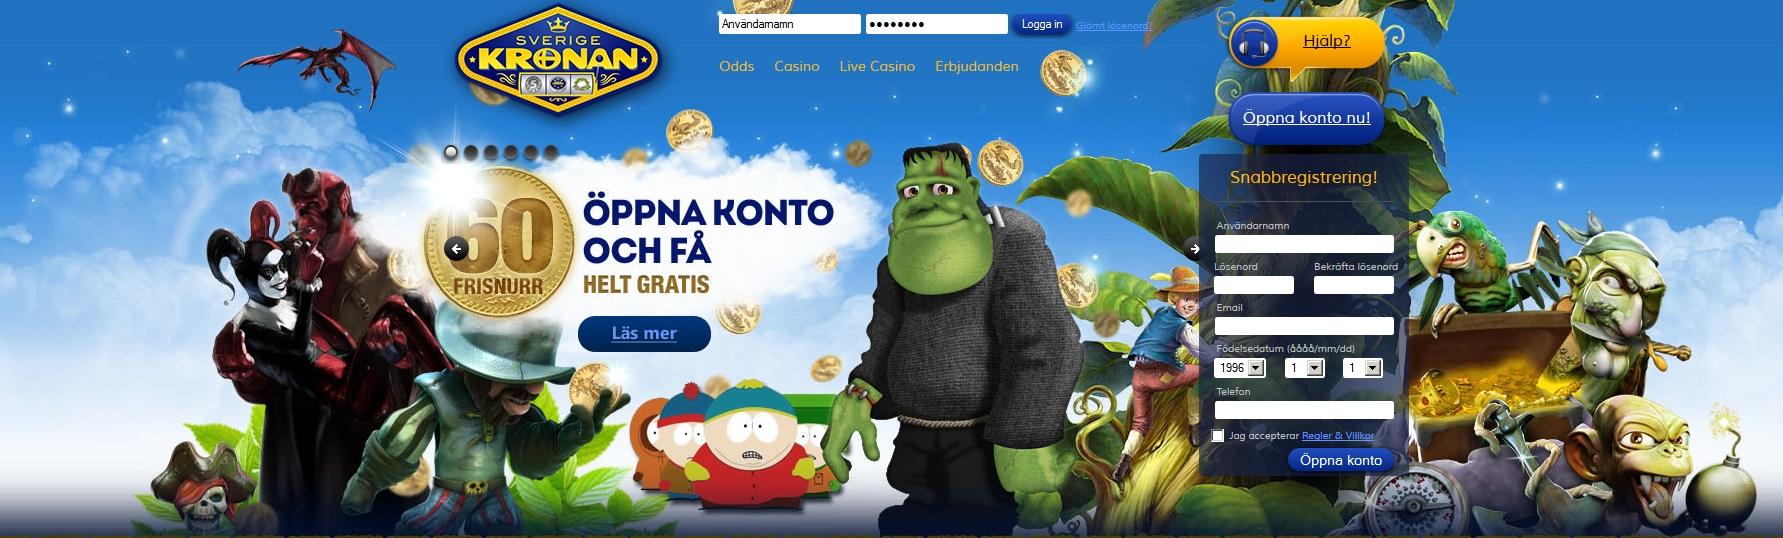 SverigeKronan 60 gratis snurr när du öppnat konto